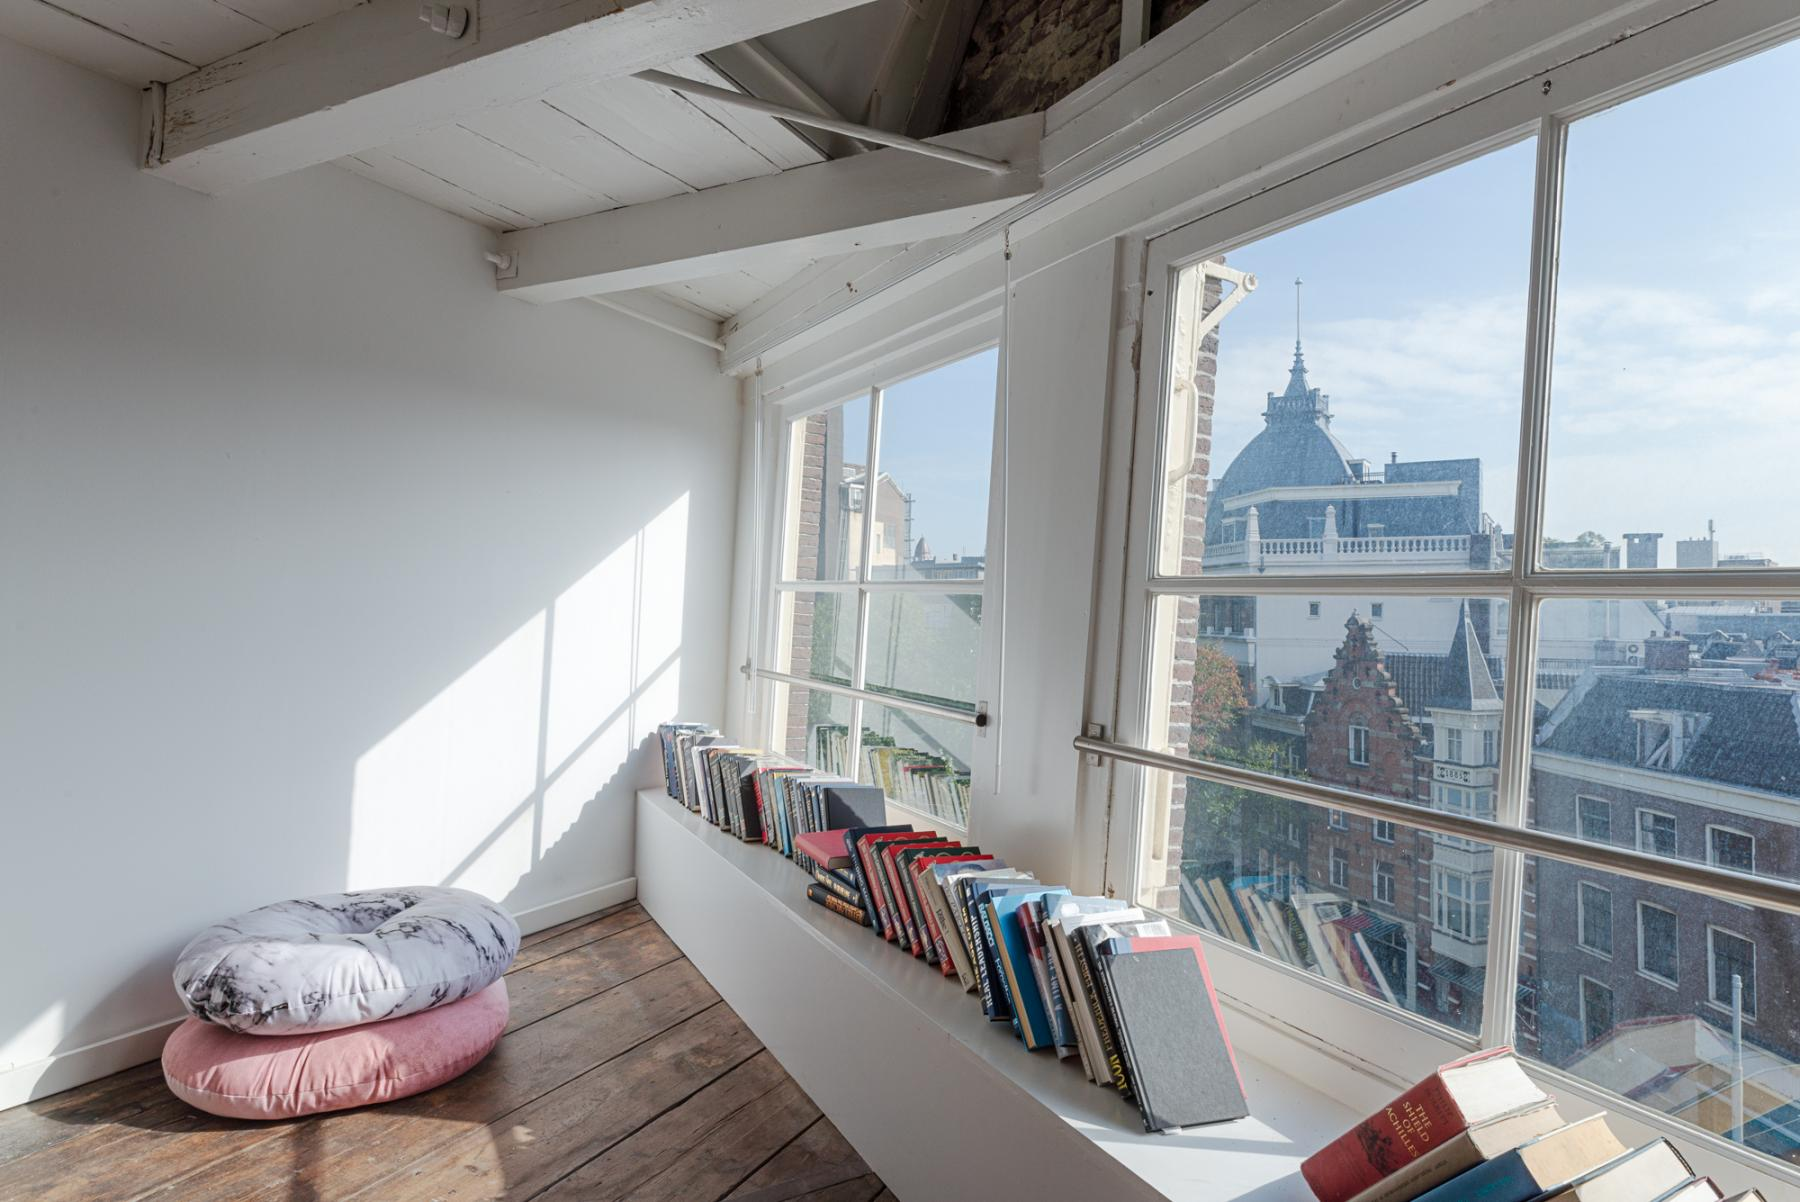 Rent office space Nieuwezijds Voorburgwal 296-298, Amsterdam (11)